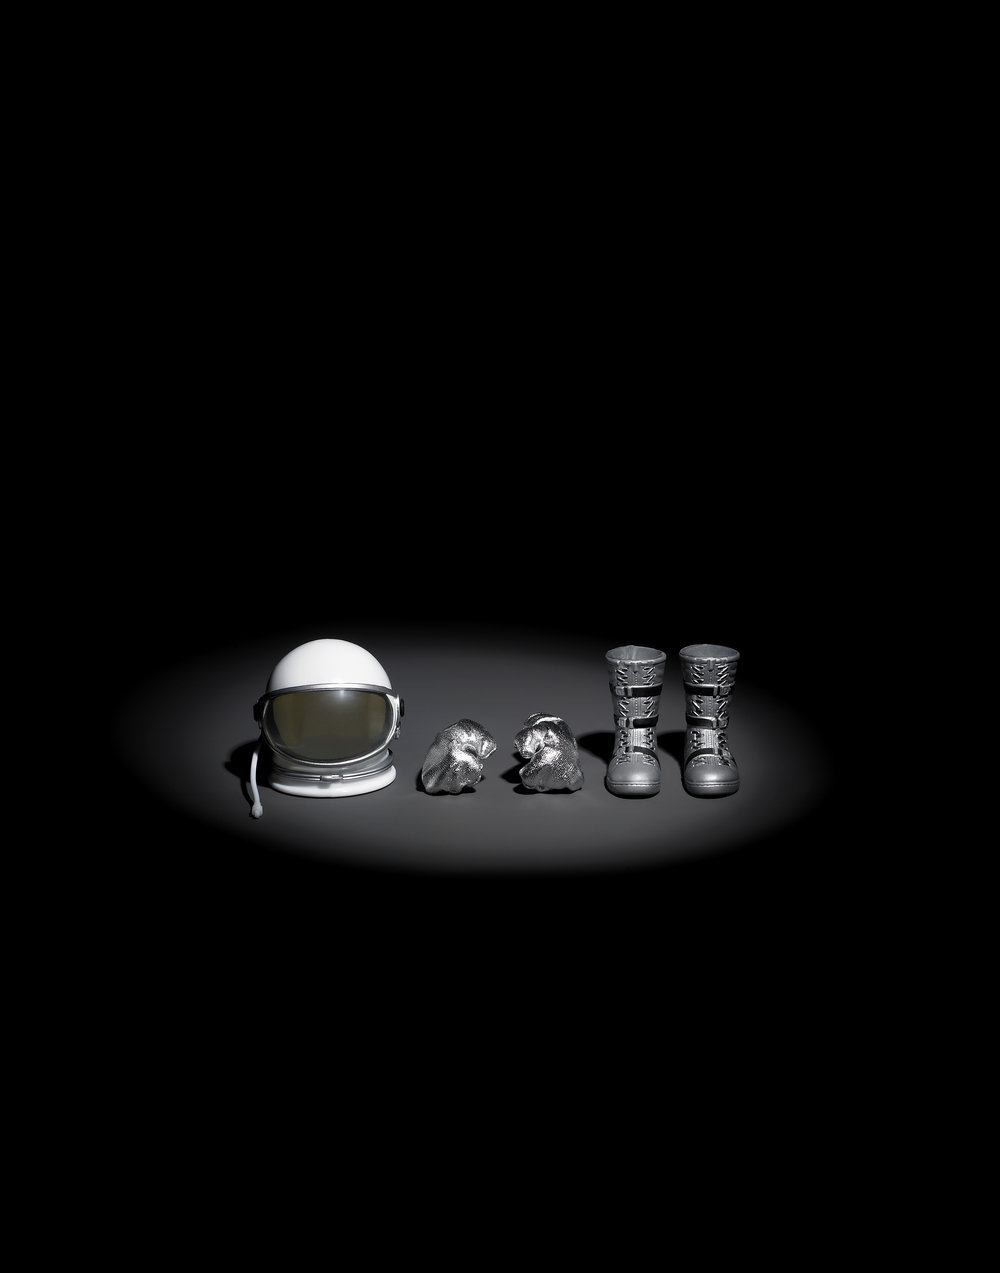 G.I.Joe accessories(11x14).jpg